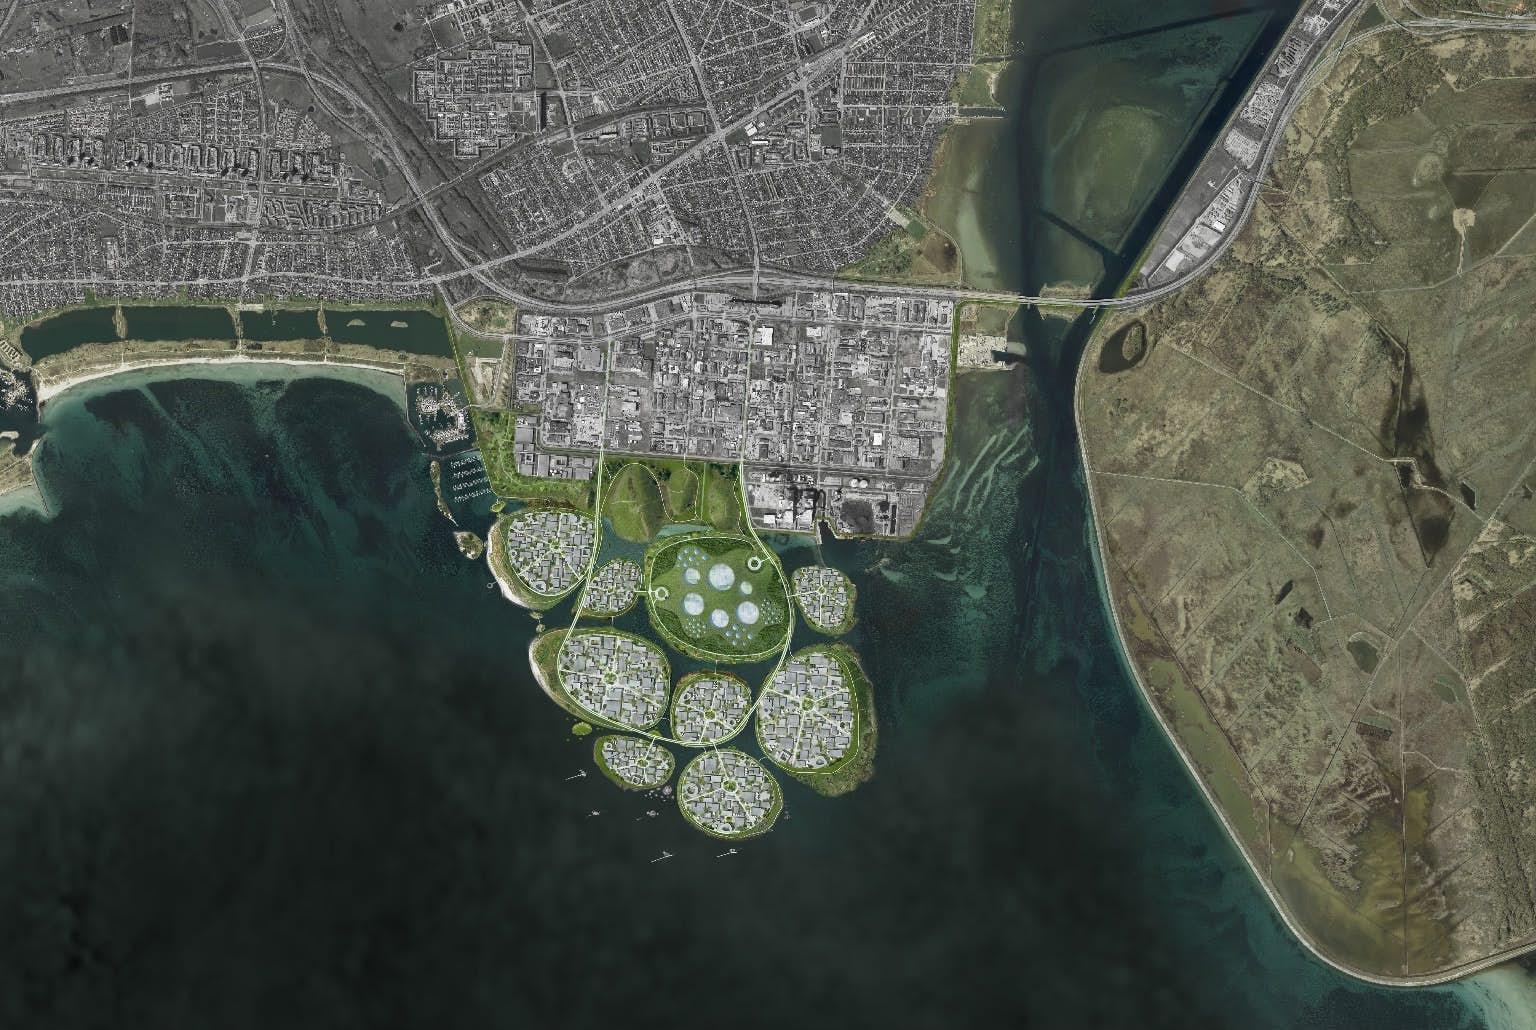 Ostrovy budou od jihu Kodaně vzdálené asi 10 kilometrů